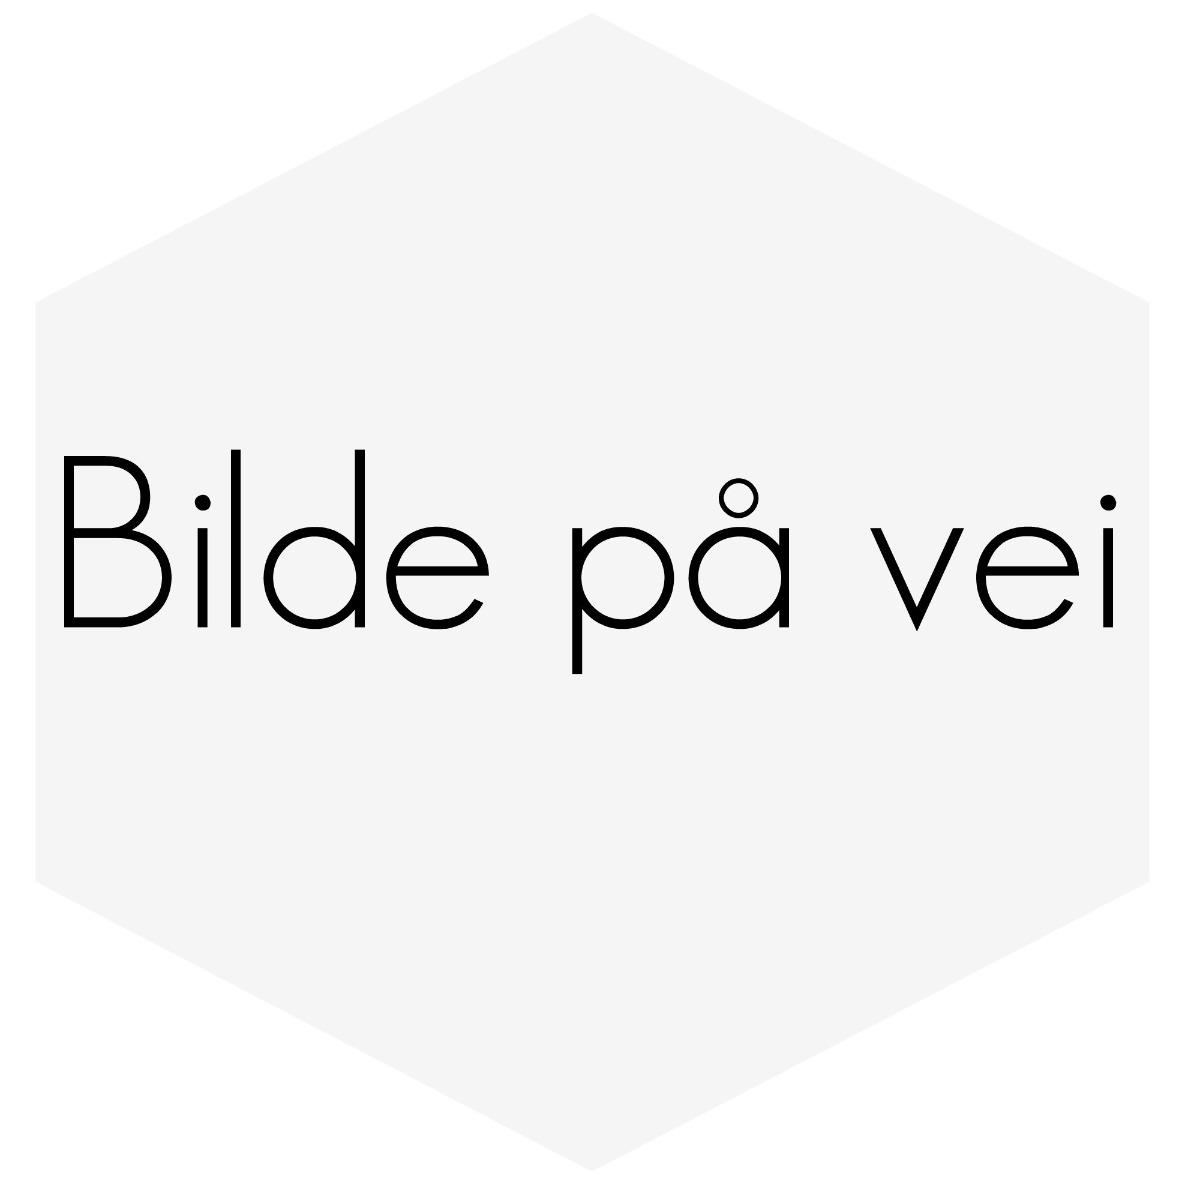 SPOILER/VINGE BAK VOLVO S60 CARBON